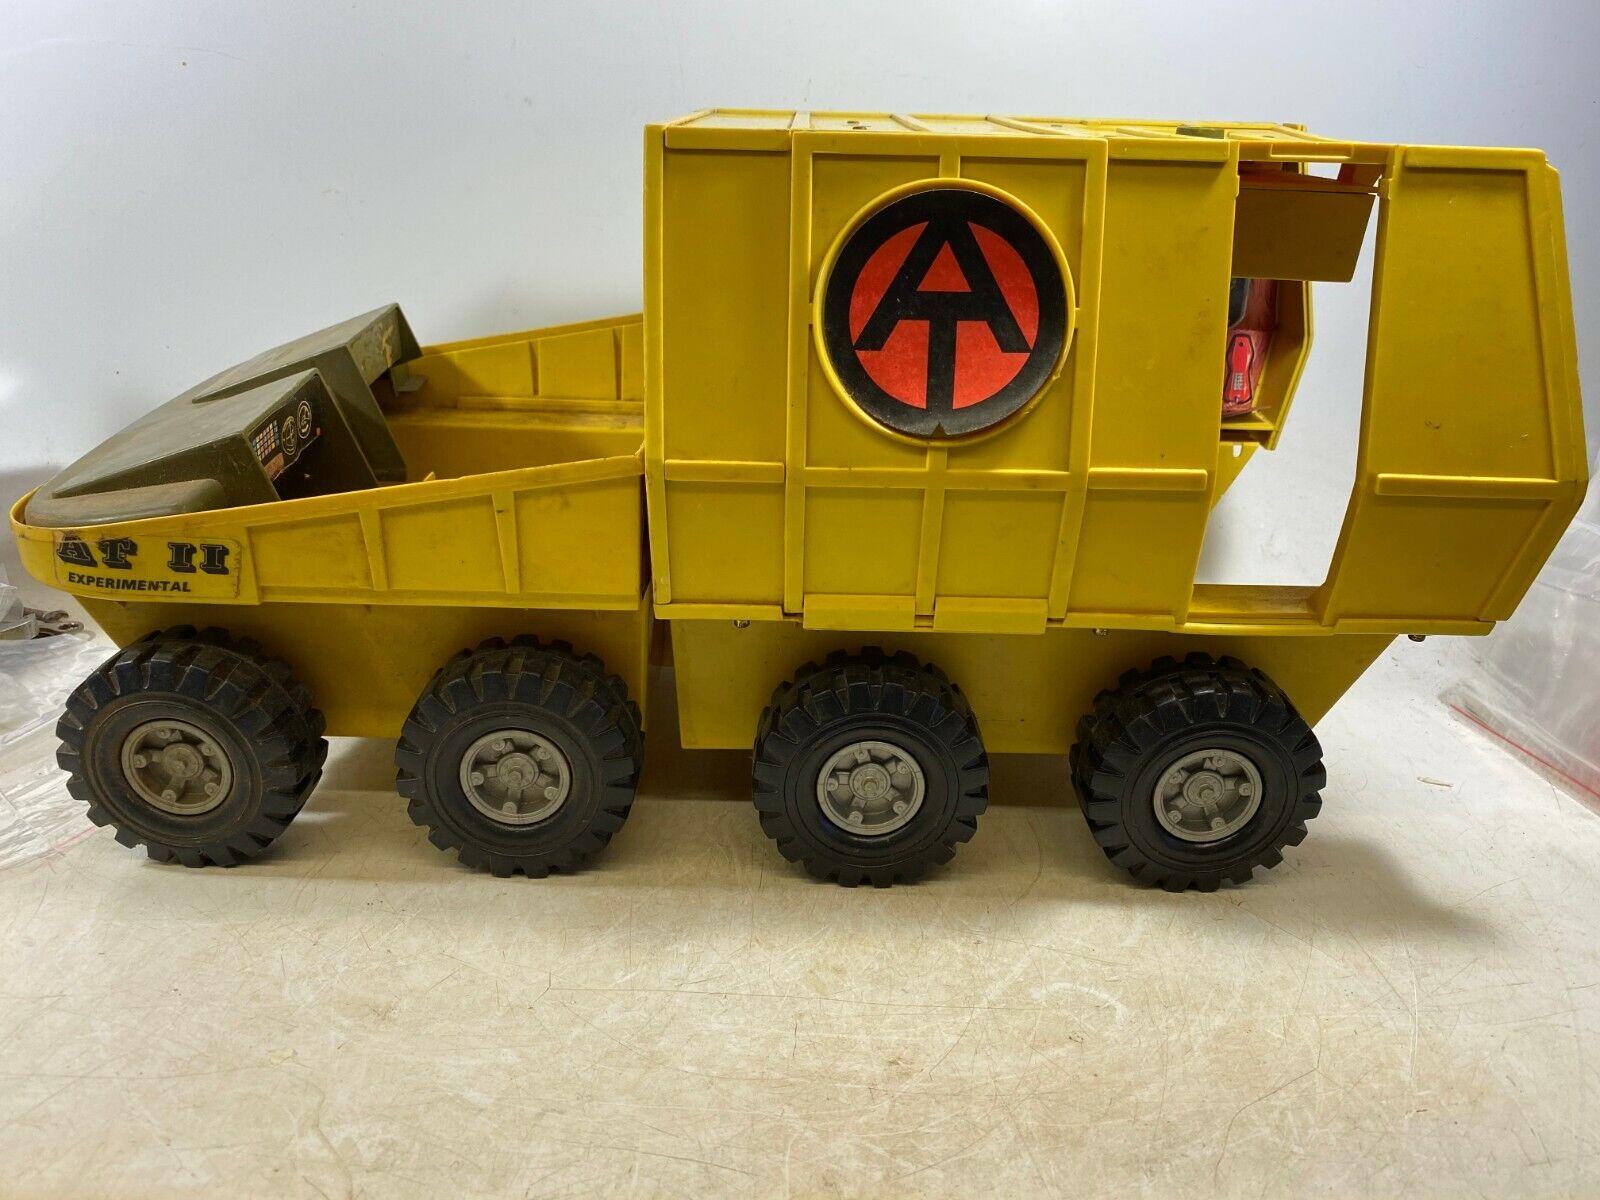 Vintage GI Joe Adventure squadra AT II Experiessital Mobile Support Vehicle 1972